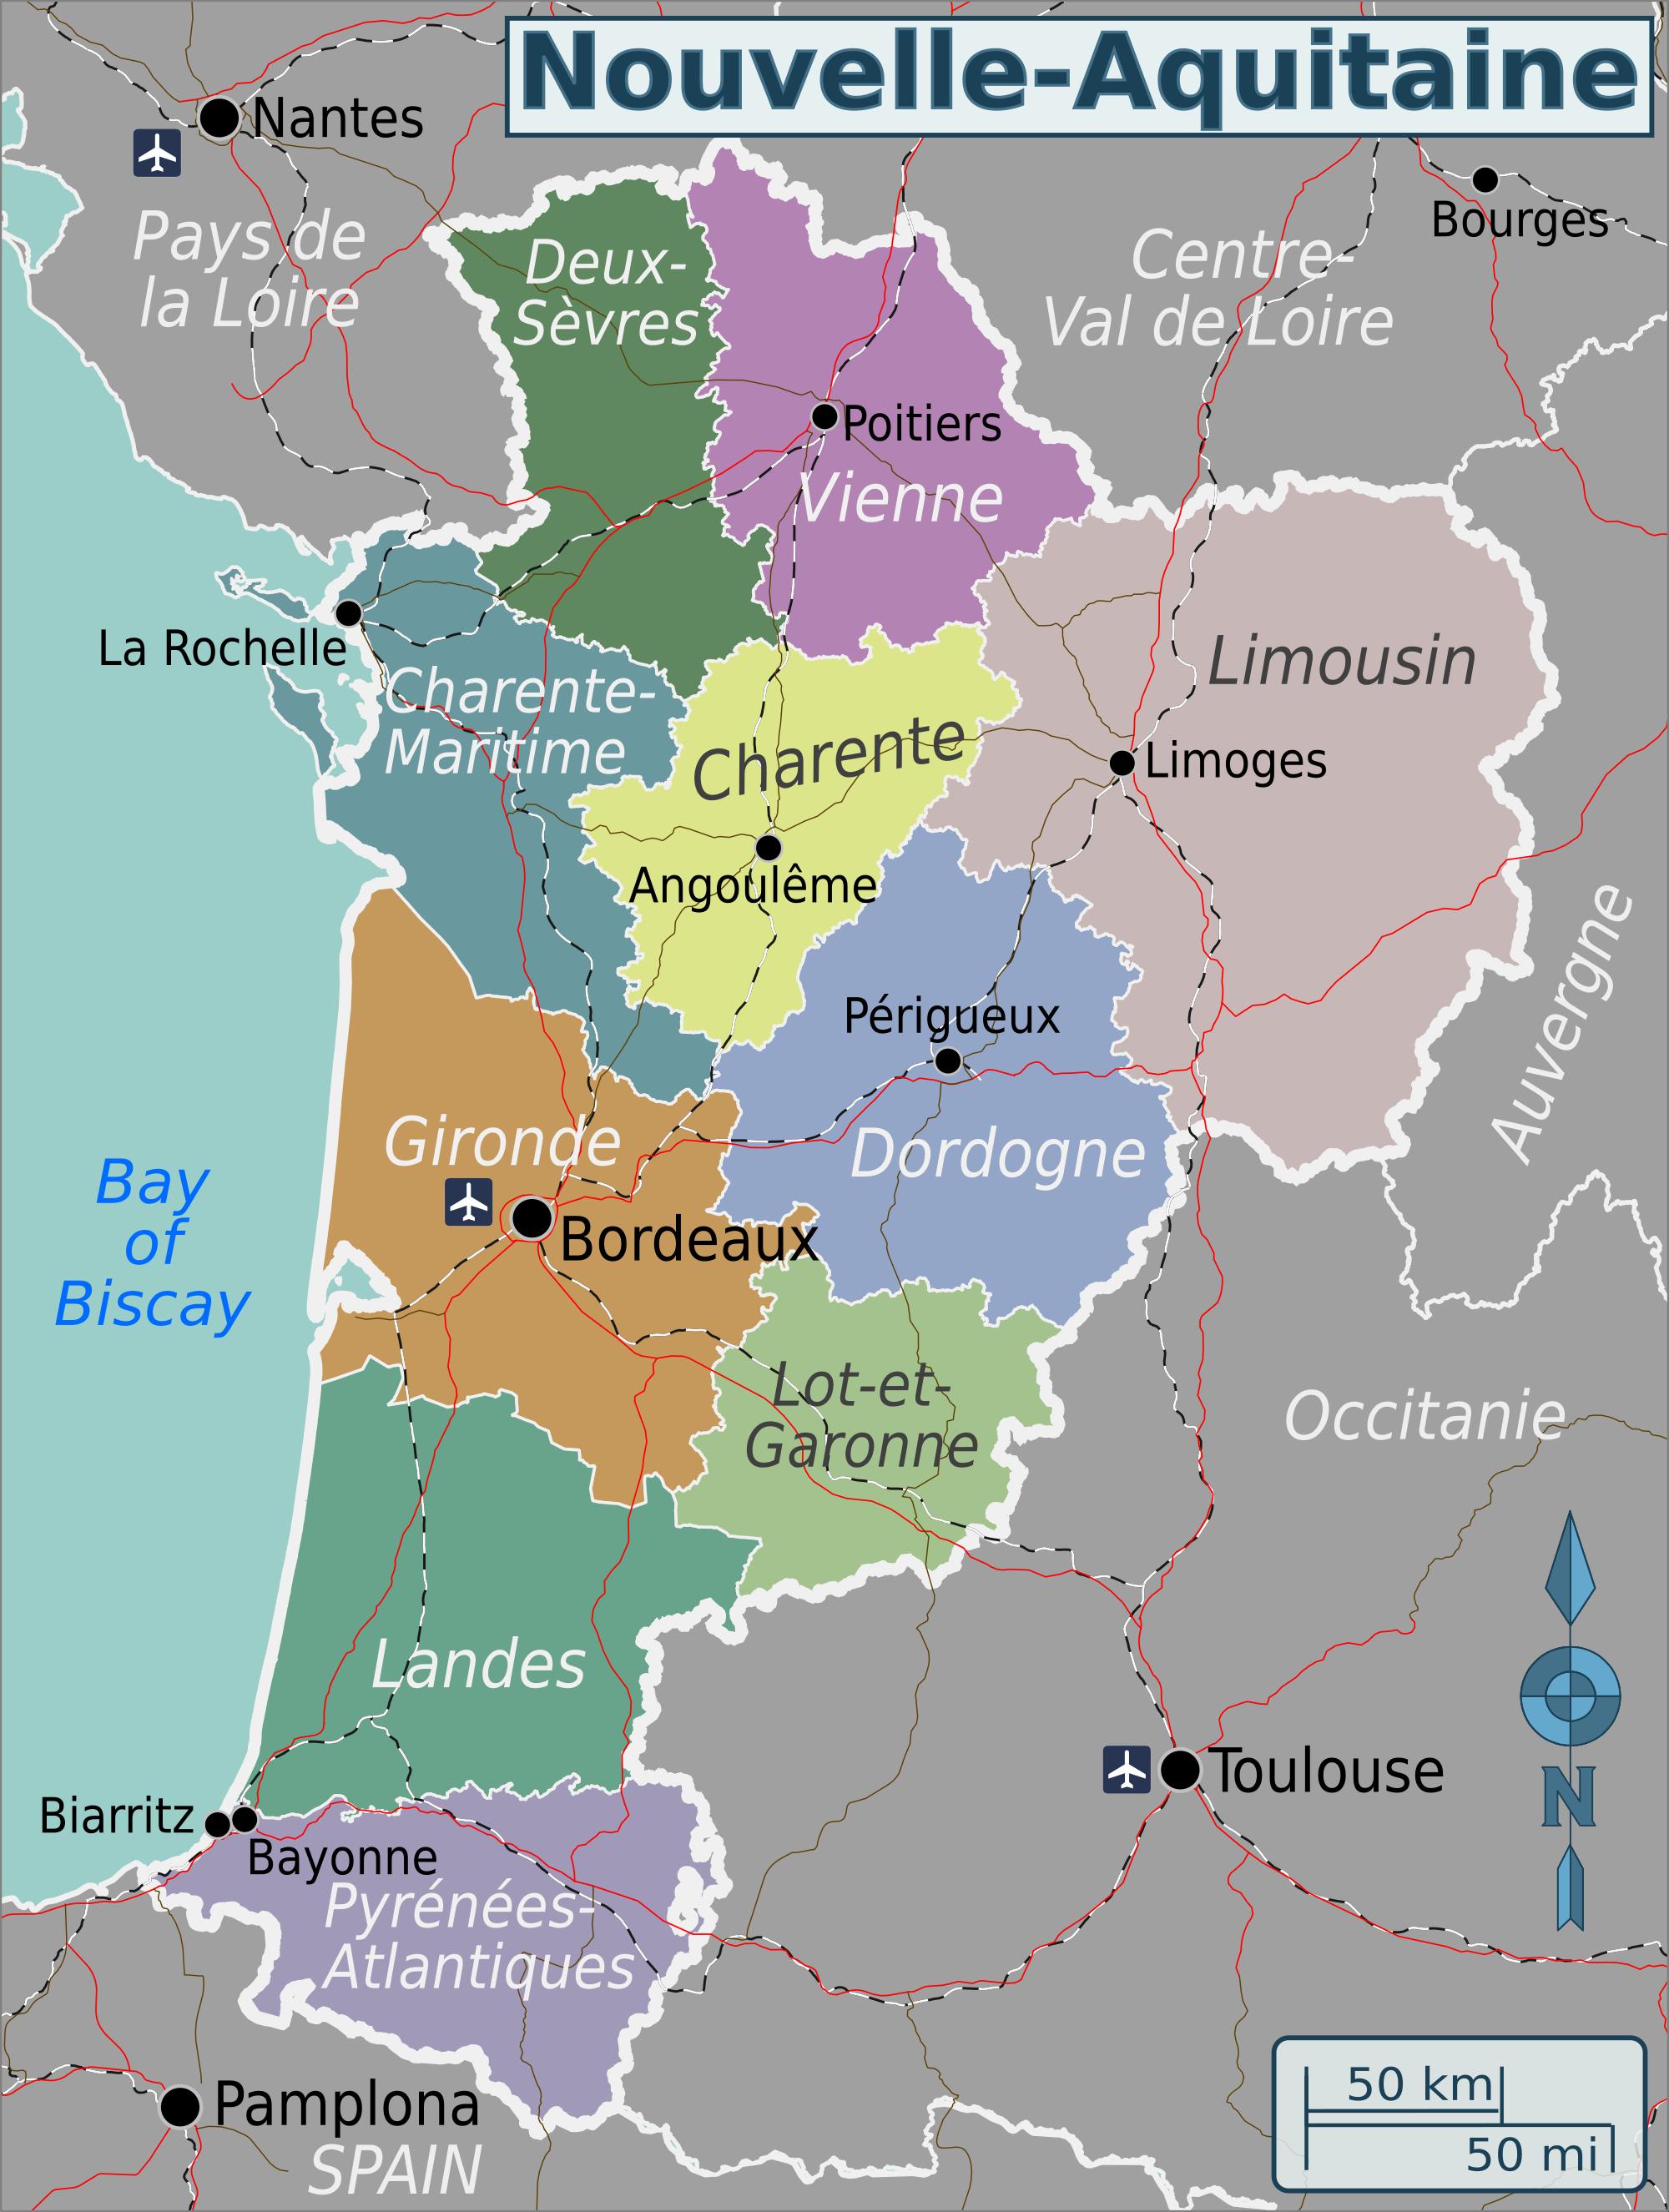 File:nouvelle Aquitaine Wv Region Map En - Wikimedia Commons intérieur Nouvelle Region France